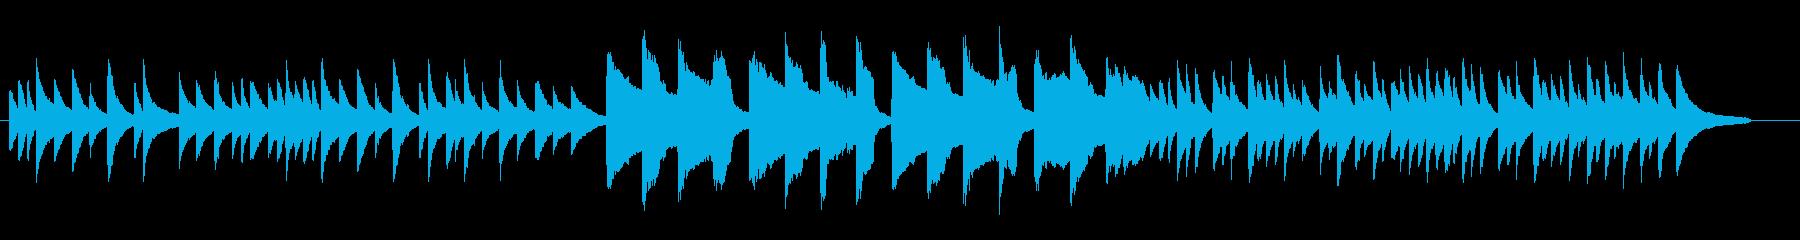 ピアノとクラリネットによる落ち着いた曲の再生済みの波形